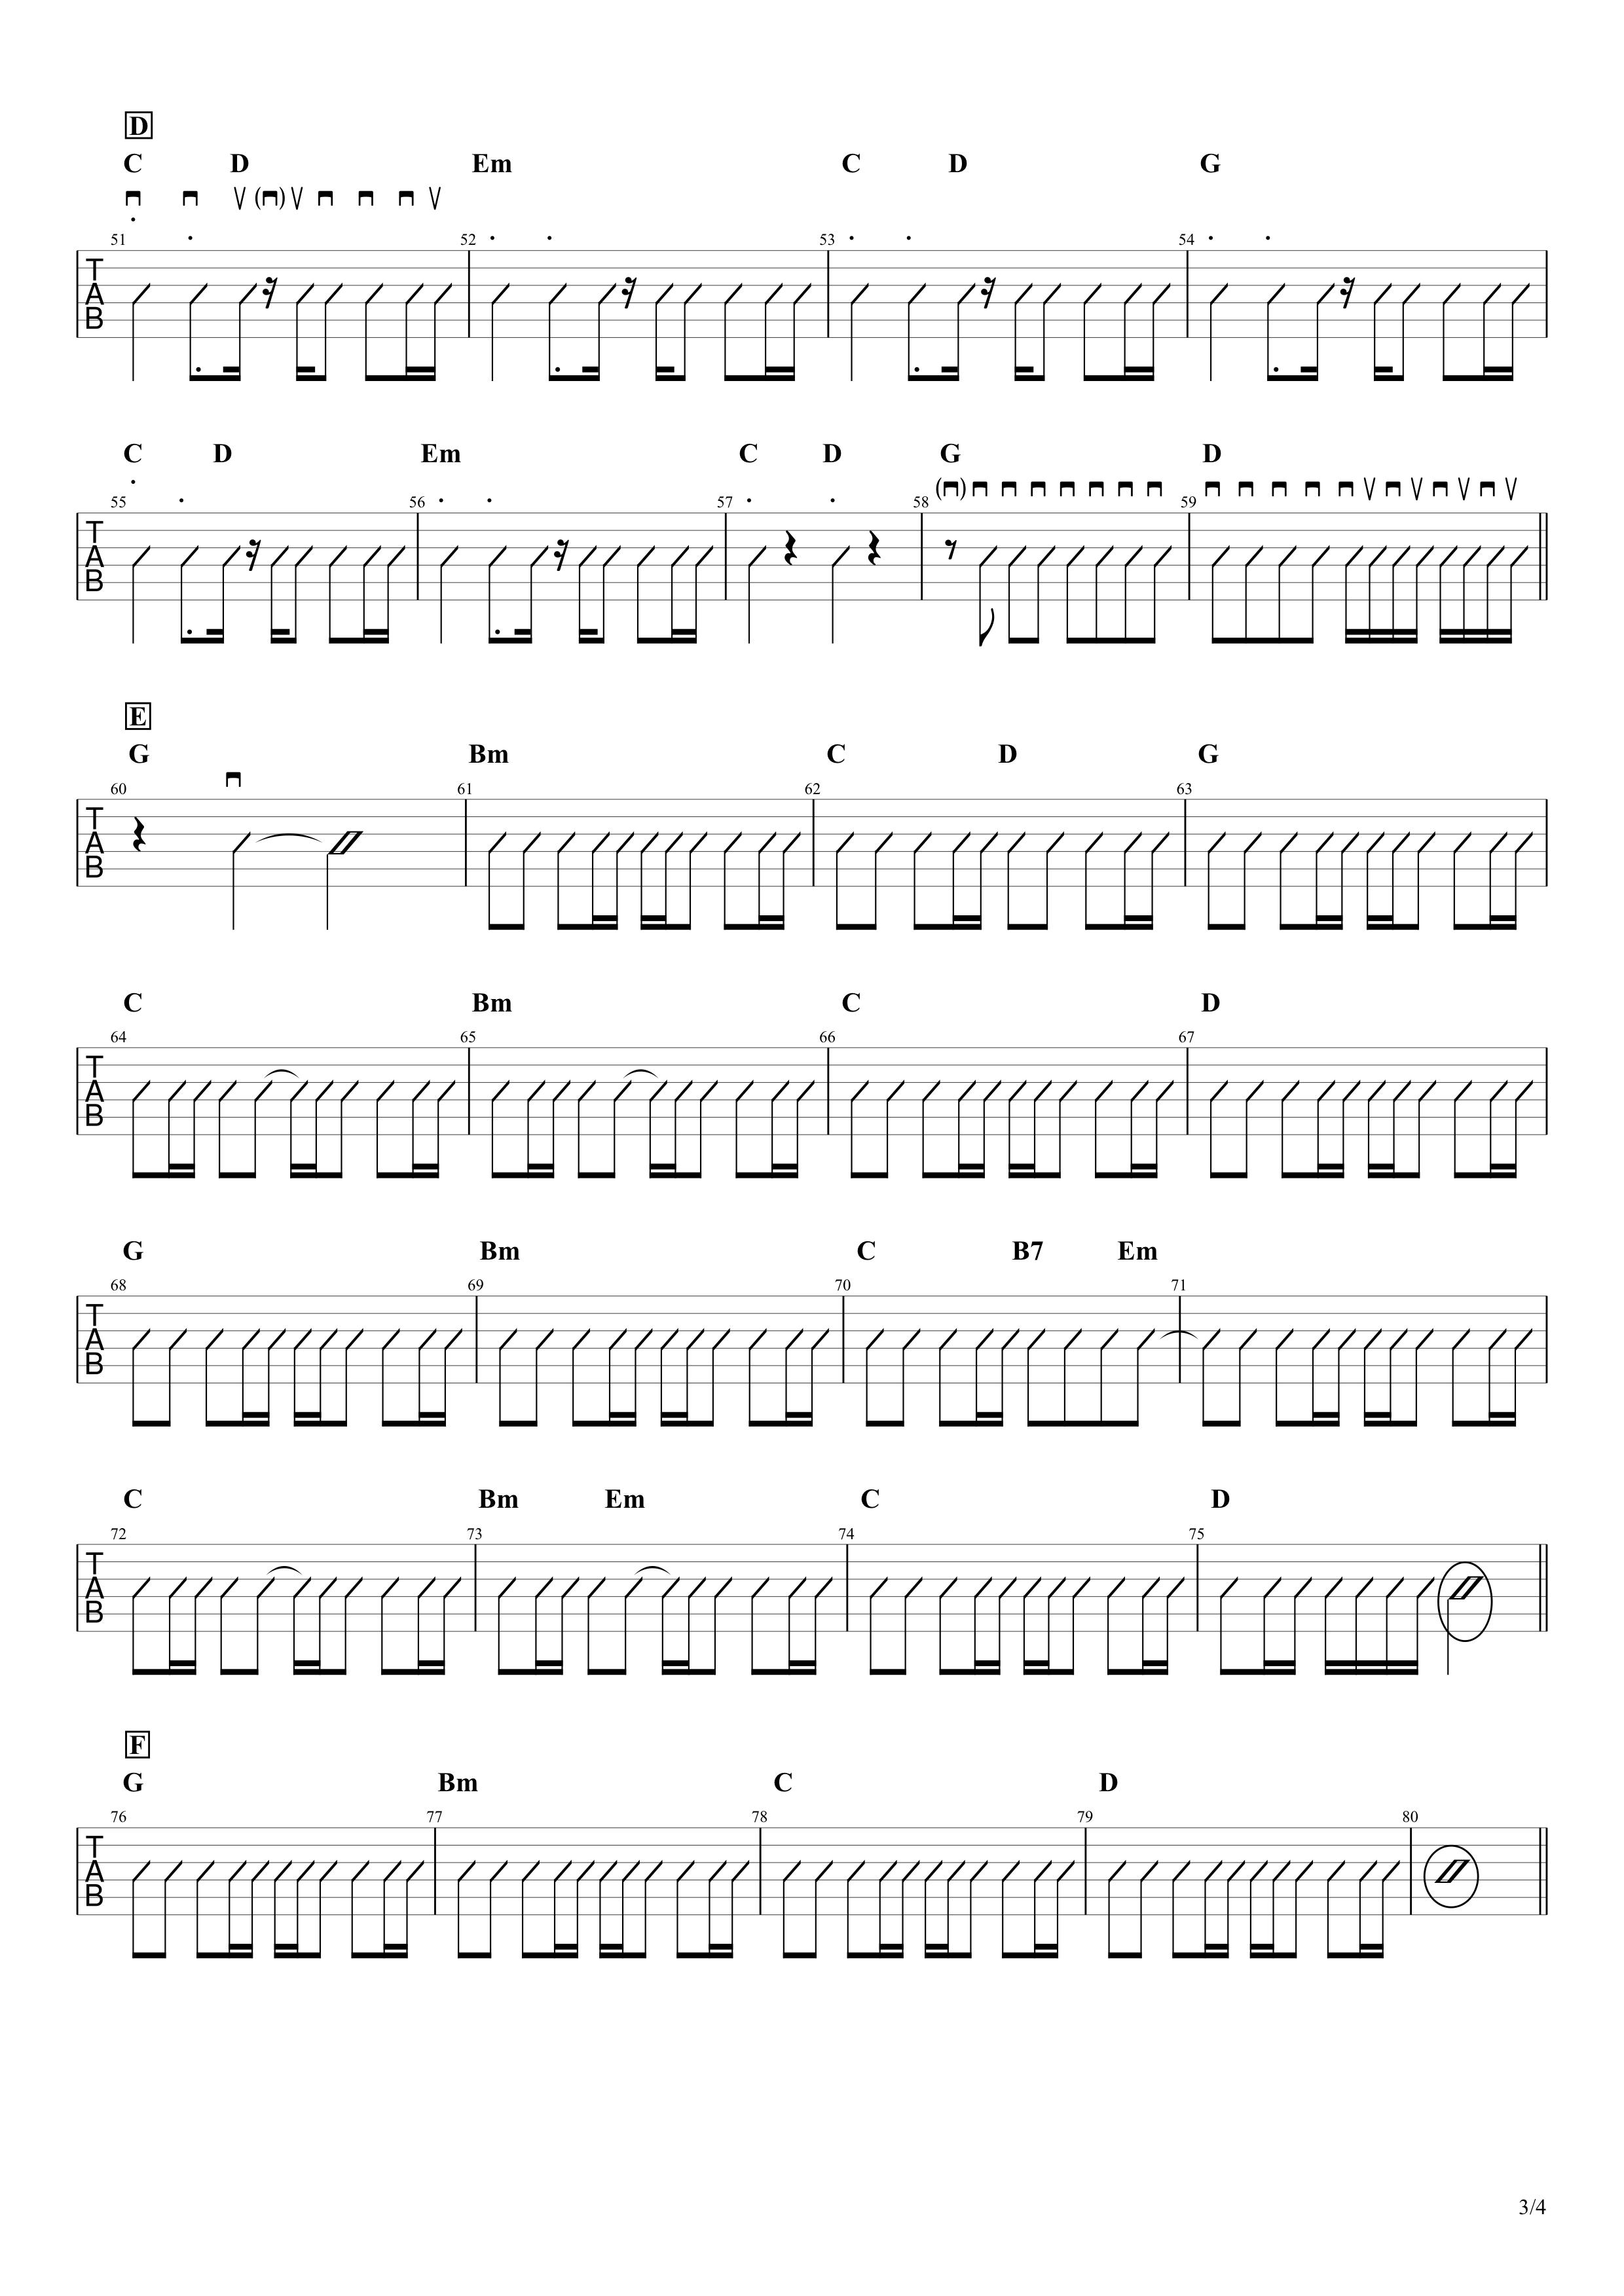 ハルノヒ/あいみょん ギターコードスコア03